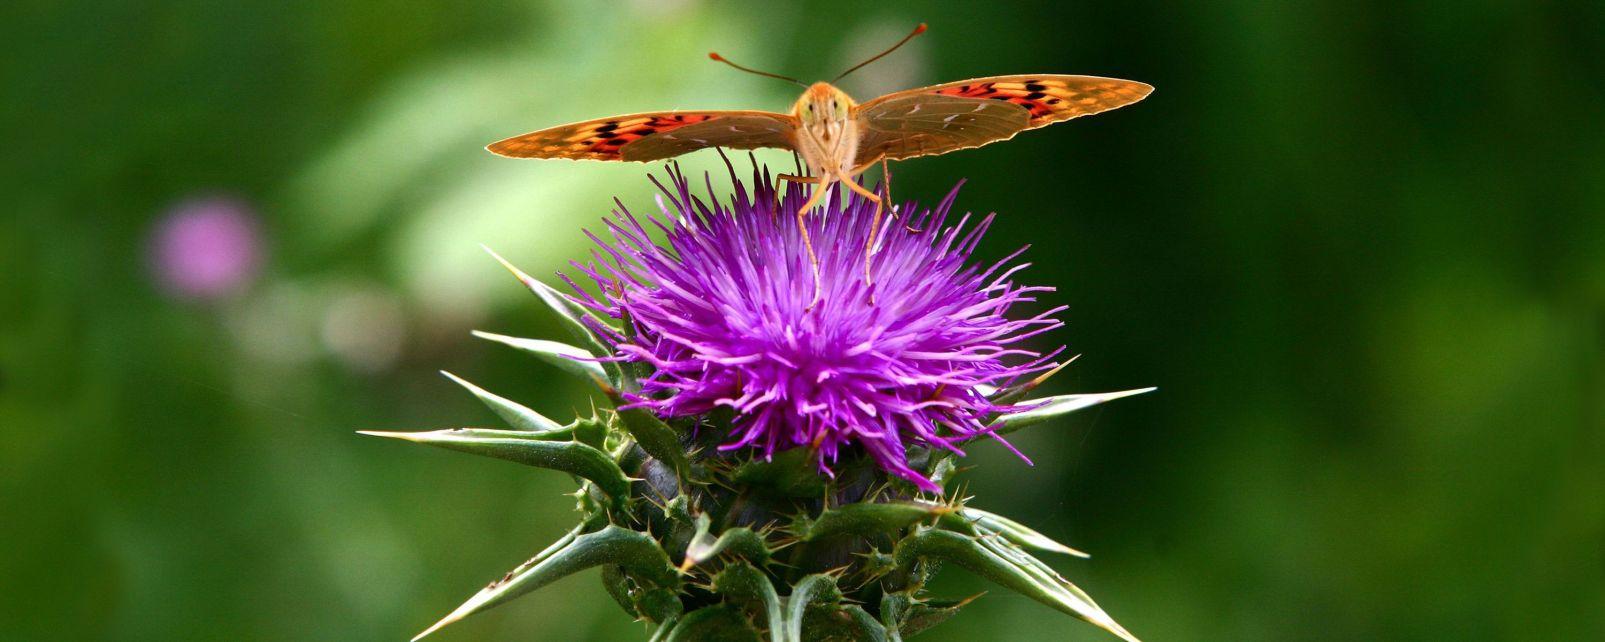 La flore ecosse royaume uni - Le chardon d ecosse ...